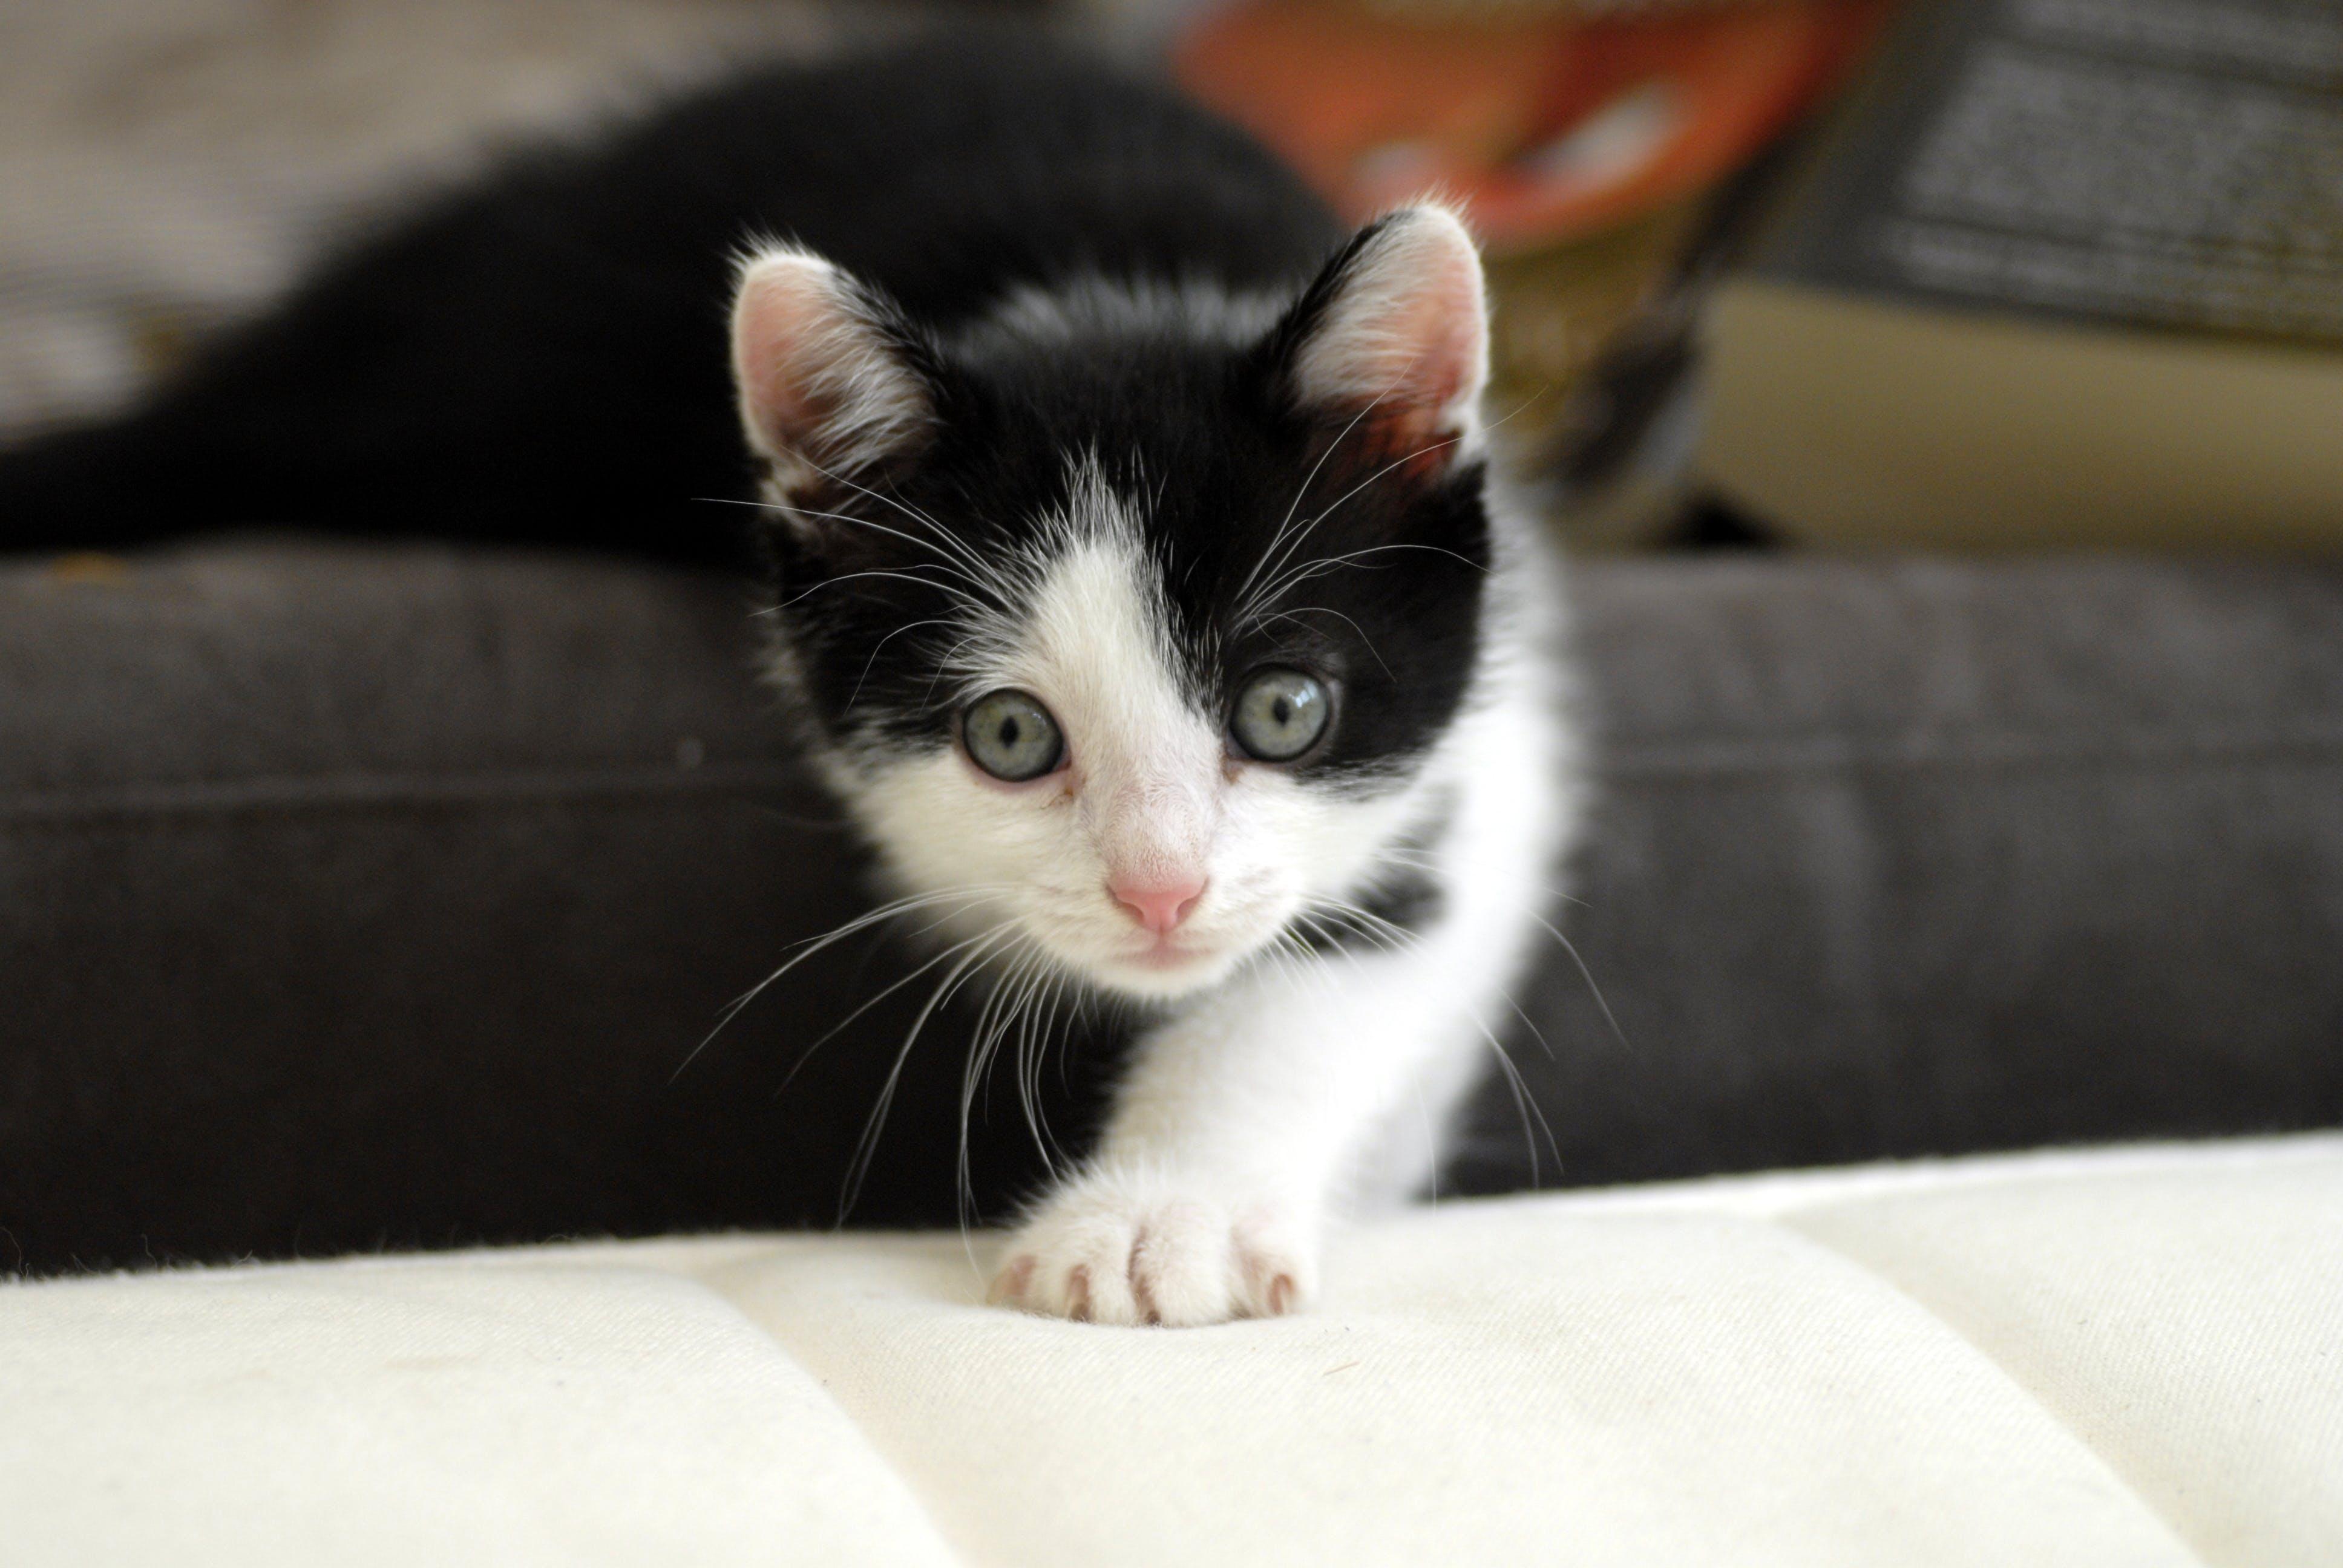 augen, katze, schwarz und weiß